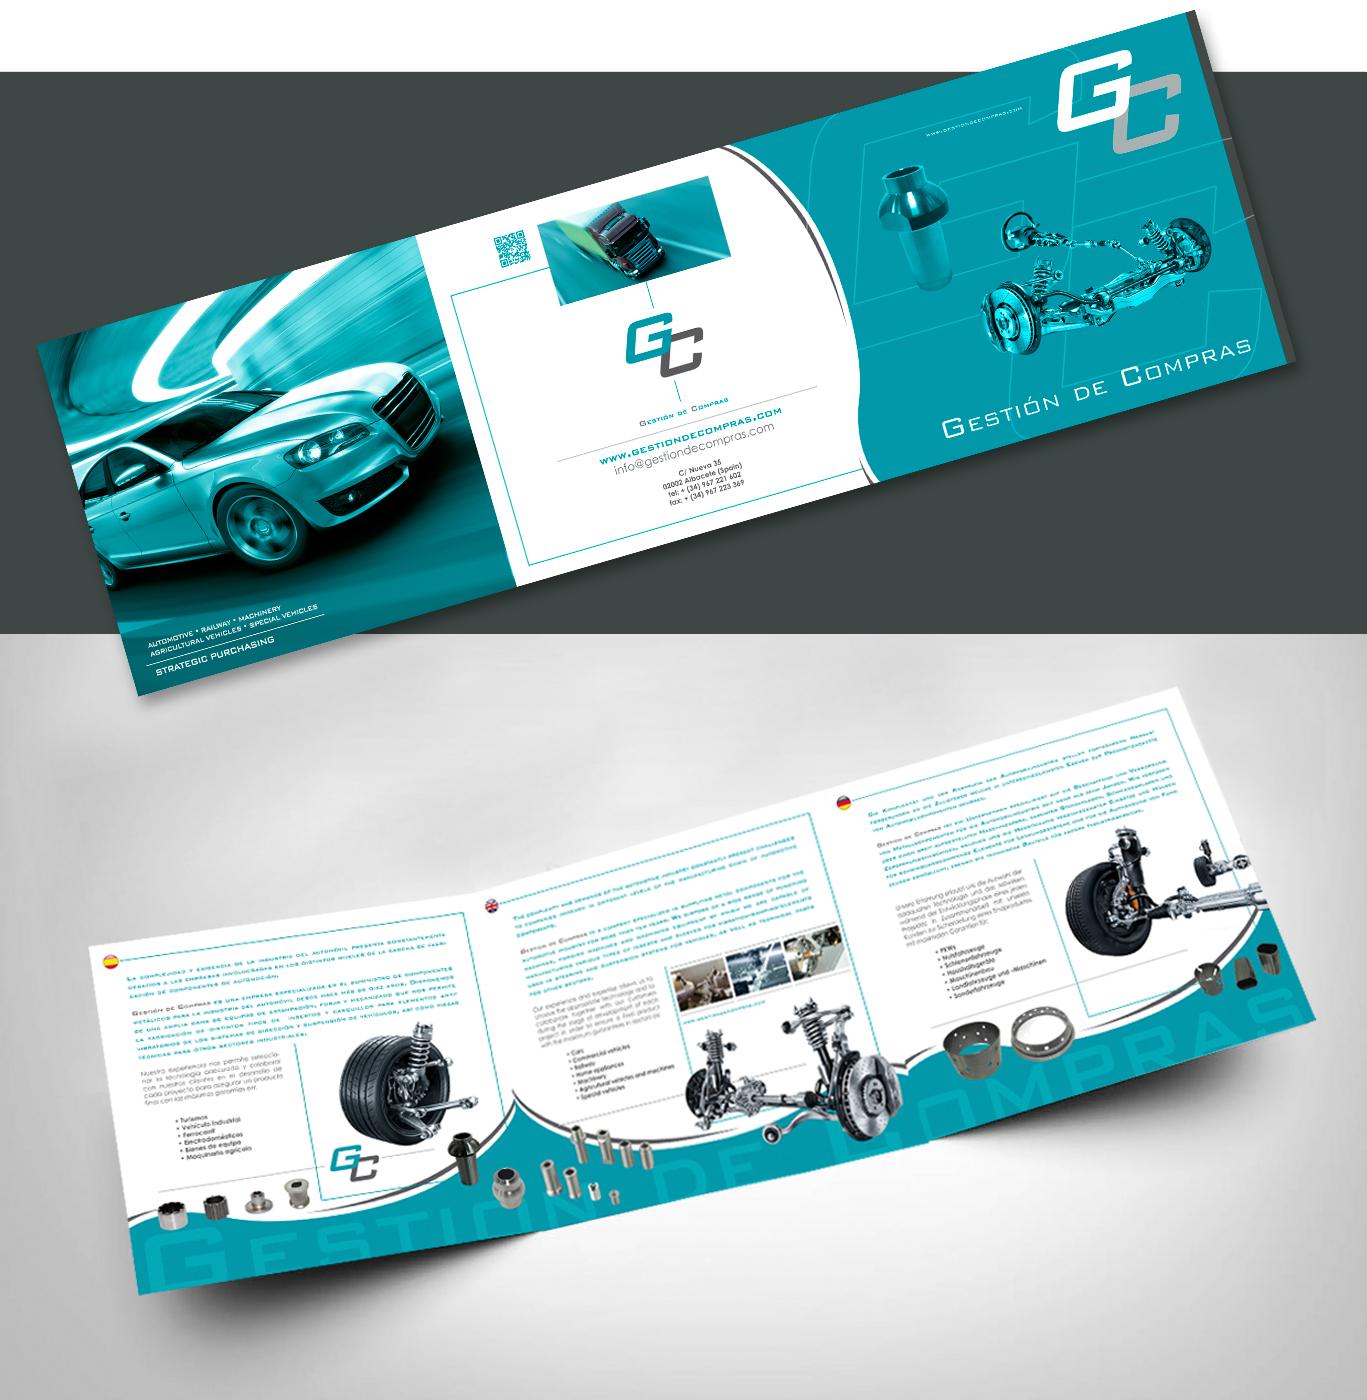 Diseño grafico, diseño triptico publicitario empresa Gestión de compras